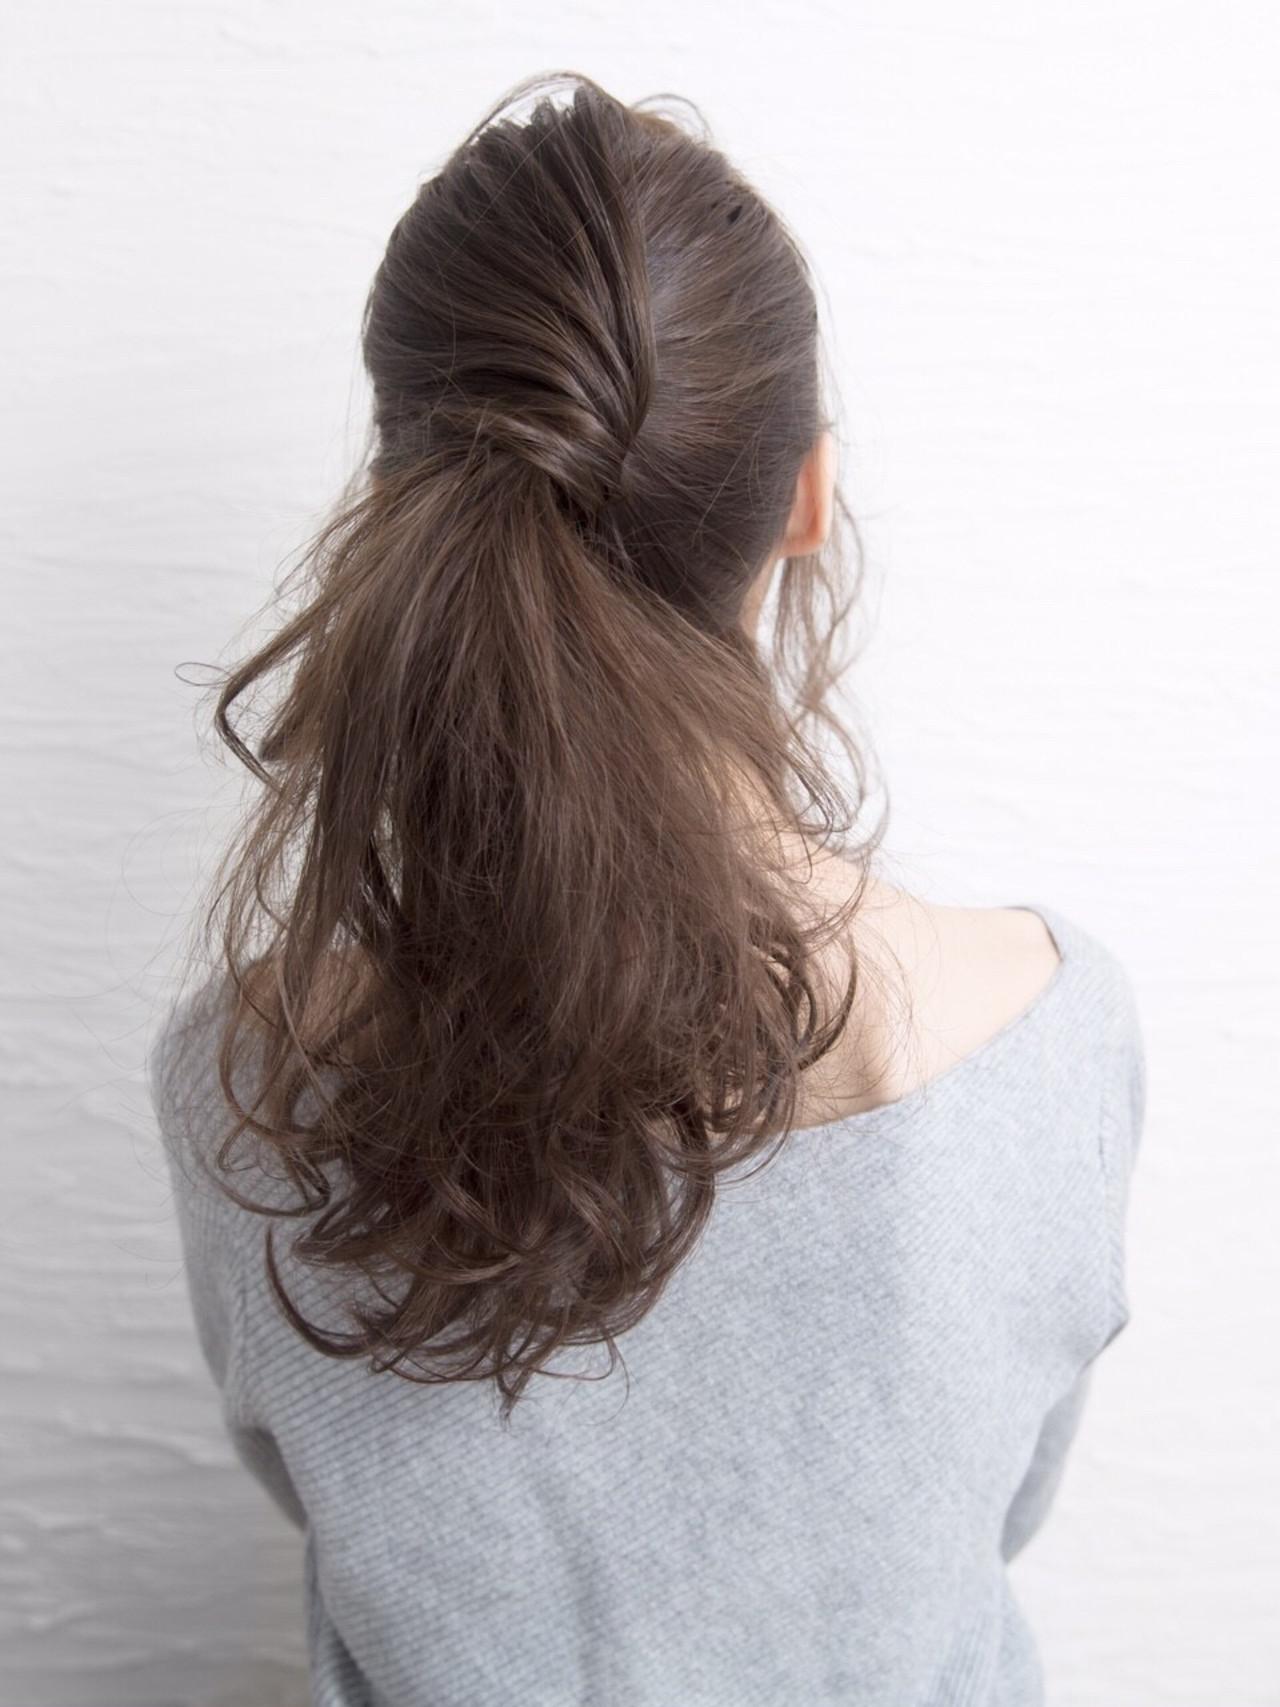 ポニーテールをして、片側からぐっと結び目に絡めて立体感を出すスタイル。フェミニンなファッションによく合いますね。